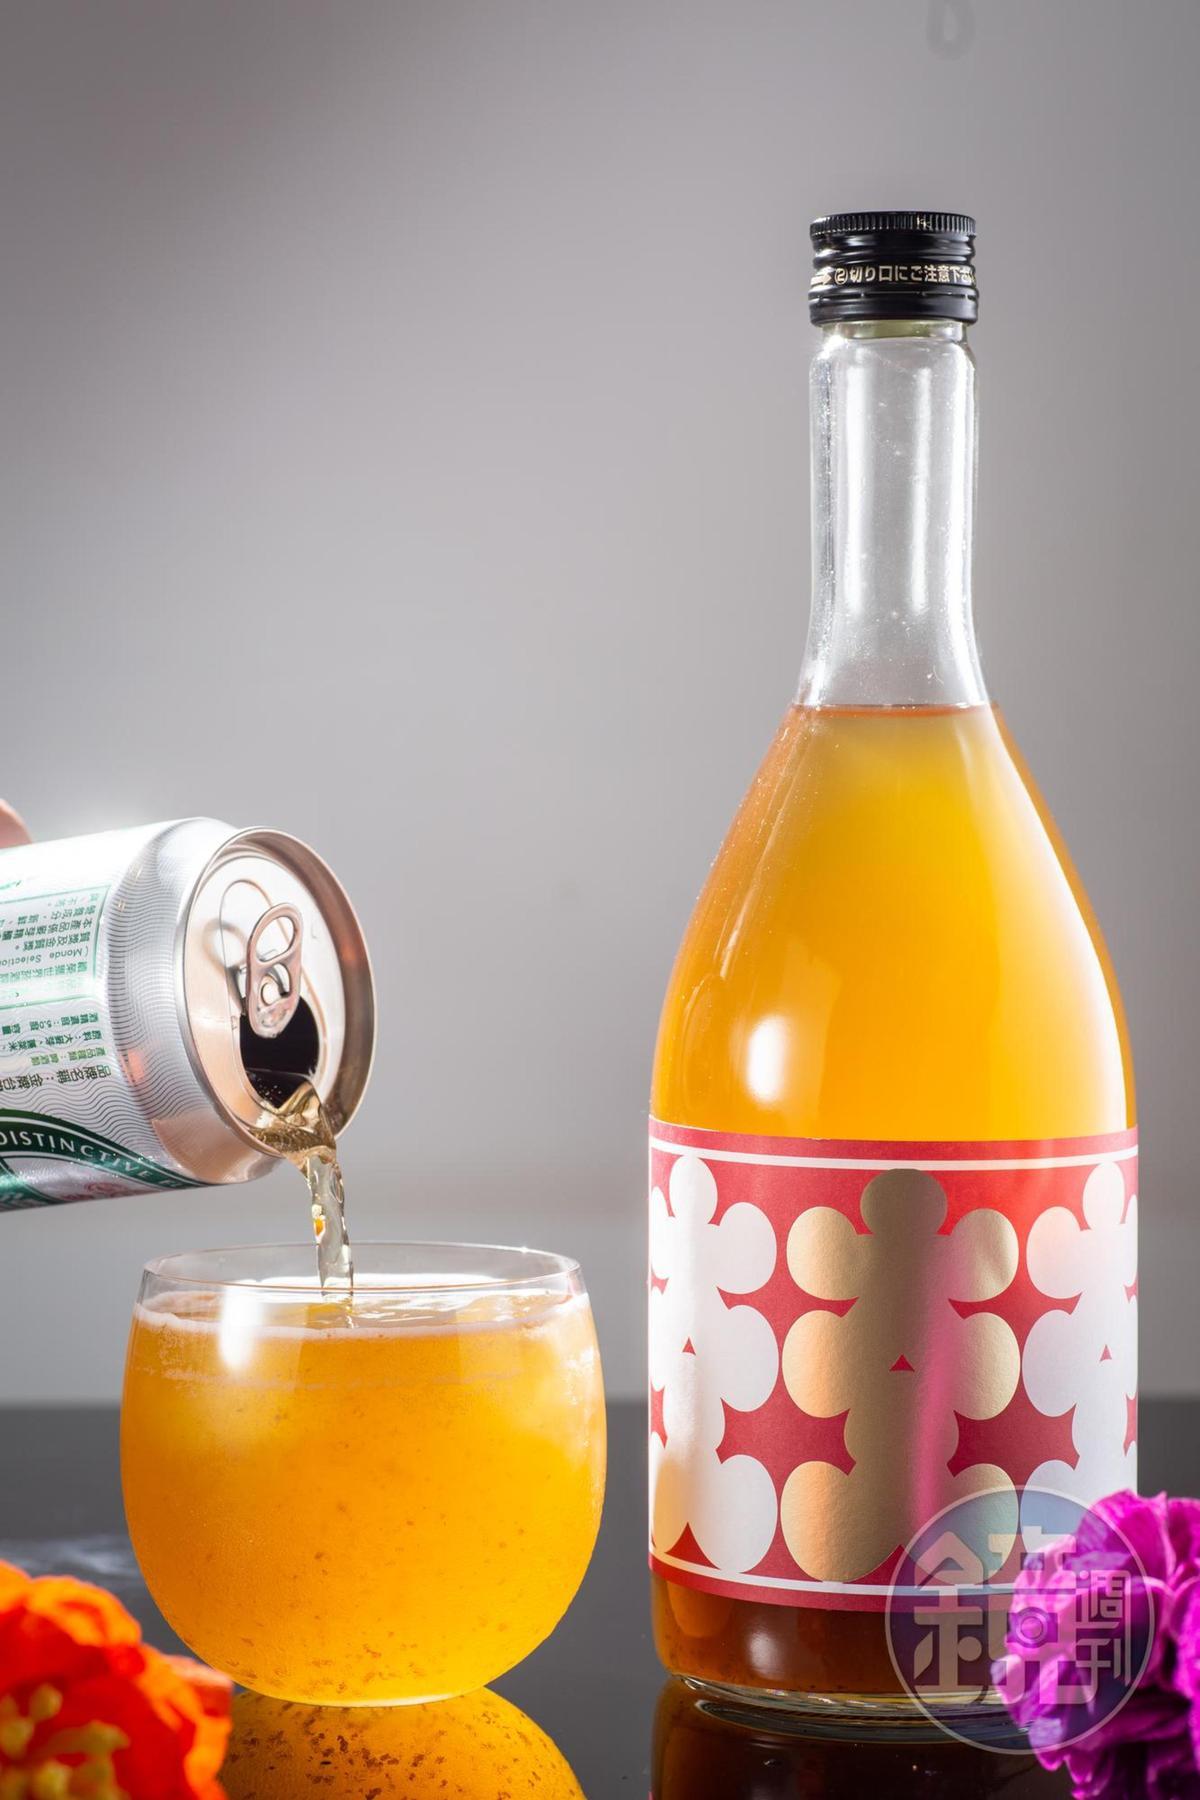 「西山梅酒濁濁」的梅果果肉含量達45%,果香十足,加入1比1的台灣啤酒,能調和甜味,帶出梅子香氣。(1,090元/瓶)